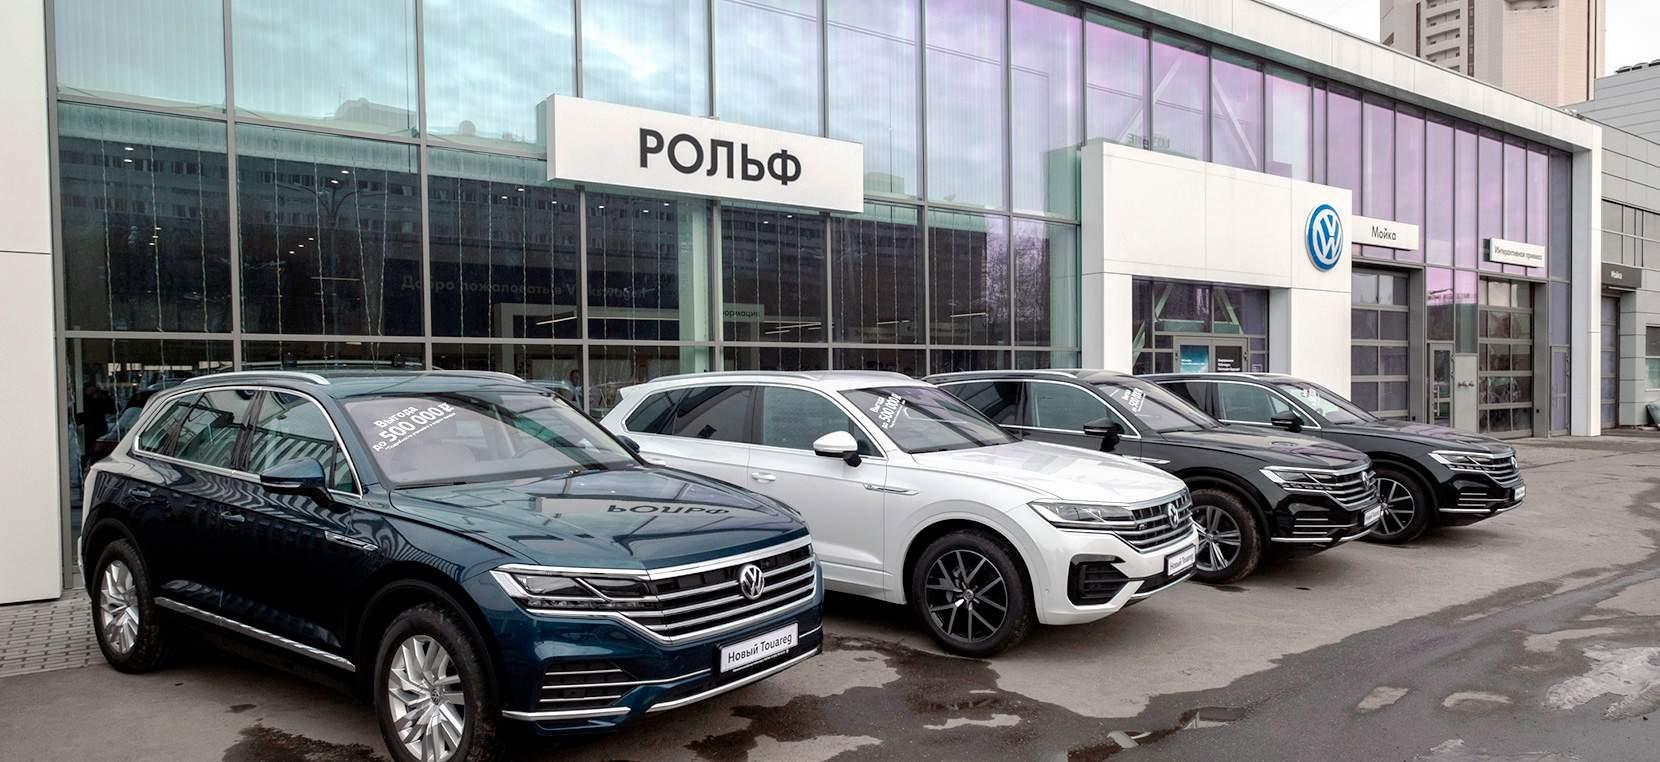 Тагаз купить новый в автосалоне в москве закон залог автомобиля